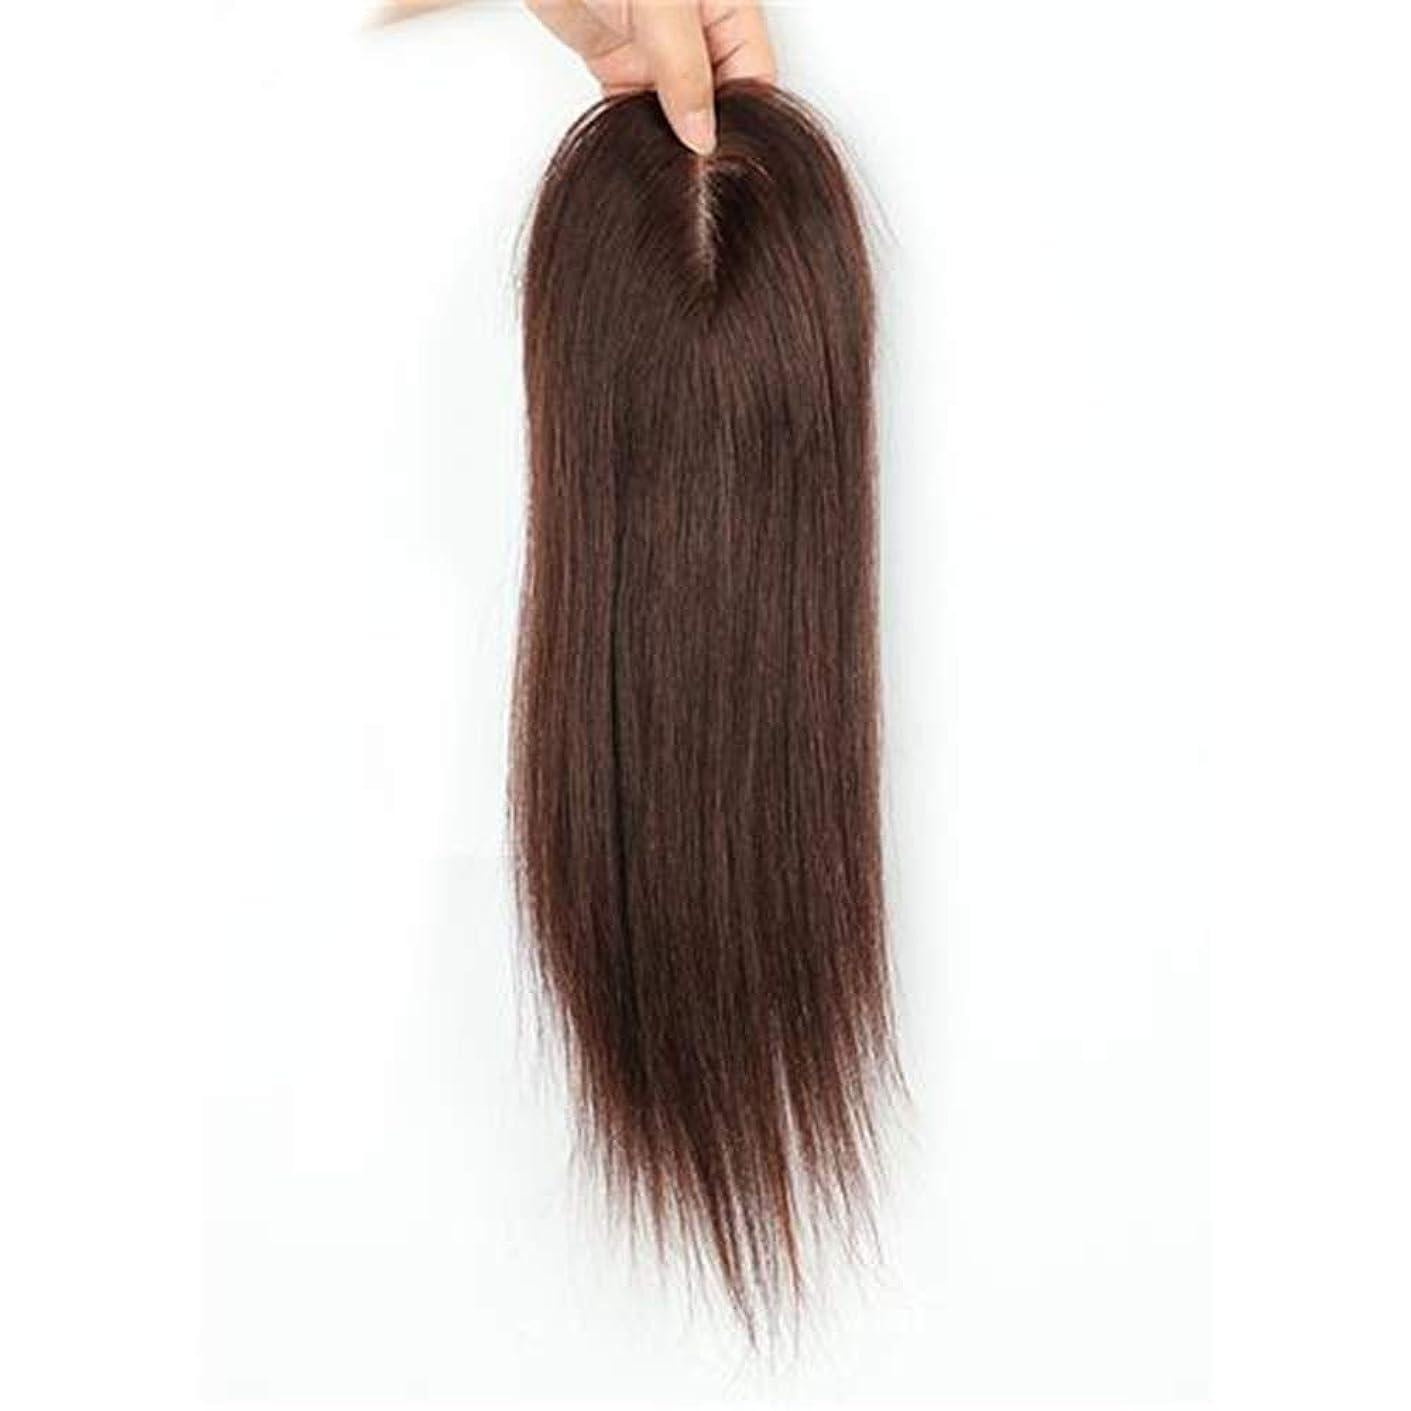 けん引キリンプライムYrattary 軽くてふわふわロングストレートヘアメス部分交換用ヘアピースリアルヘアウィッグロールプレイングかつらキャップ (色 : Dark brown, サイズ : 30cm)